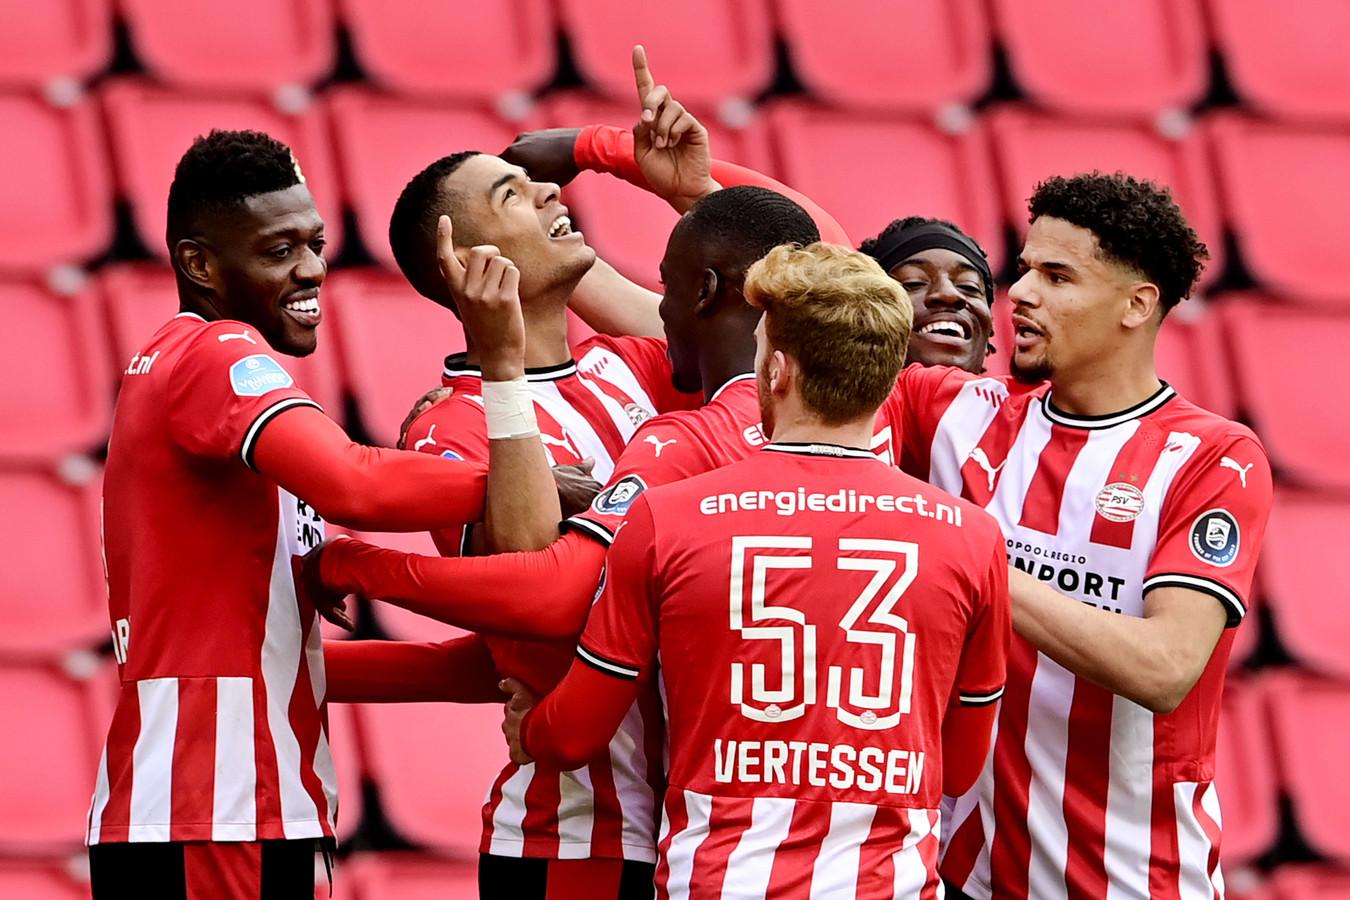 PSV juicht na een goal tegen sc Heerenveen, maar kwam zondag van een koude kermis thuis.